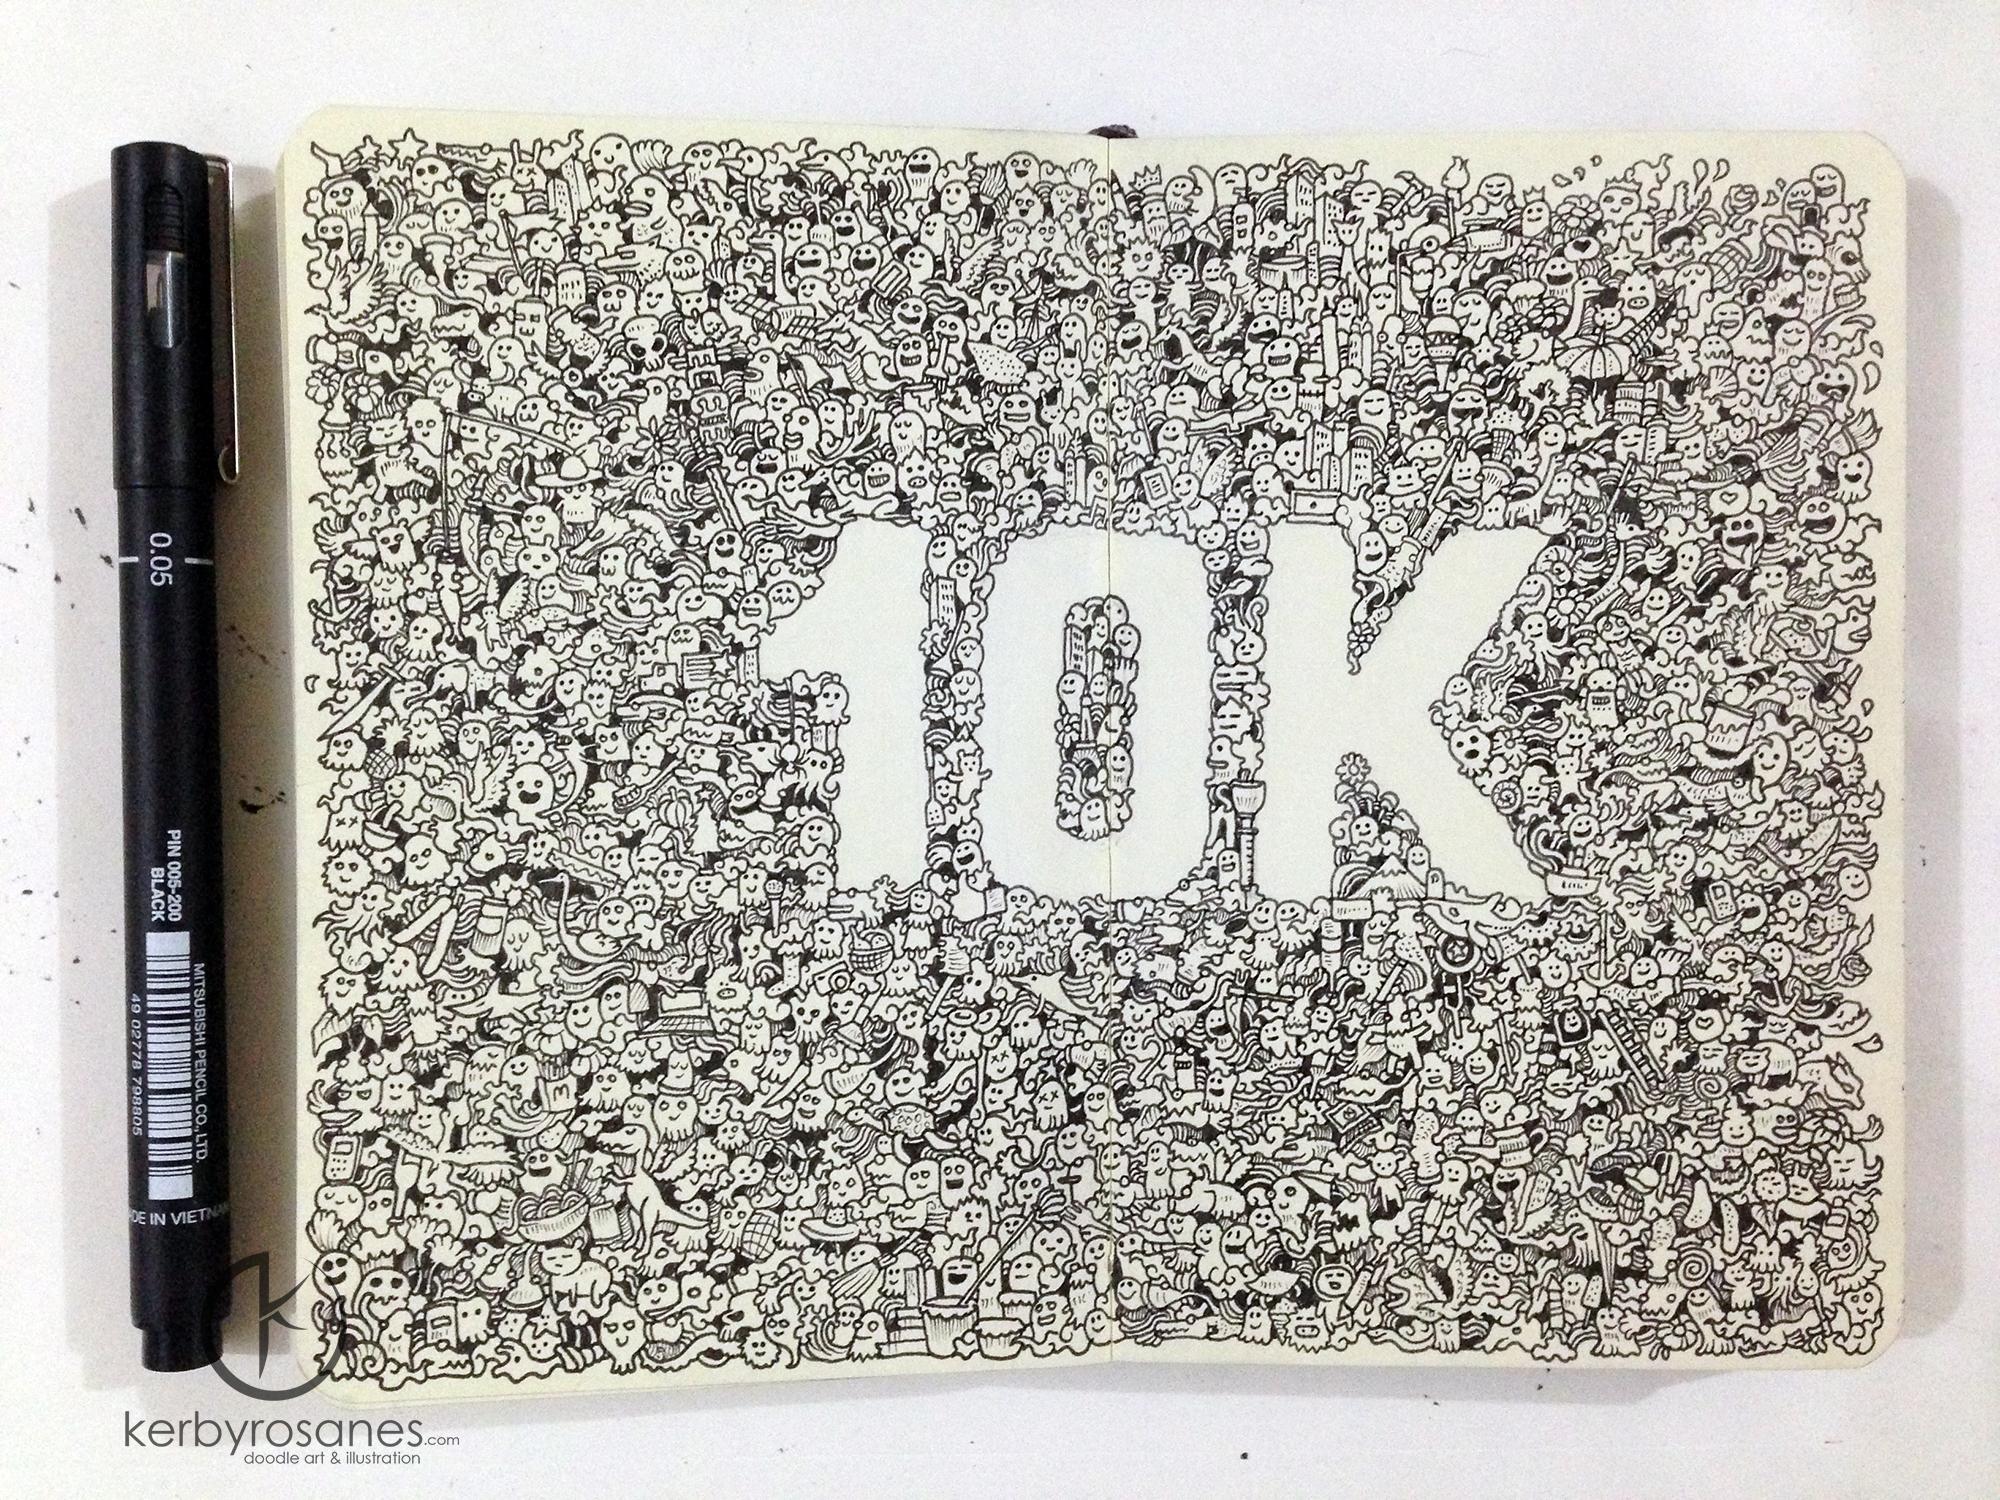 MOLESKINE DOODLES: 10K by kerbyrosanes